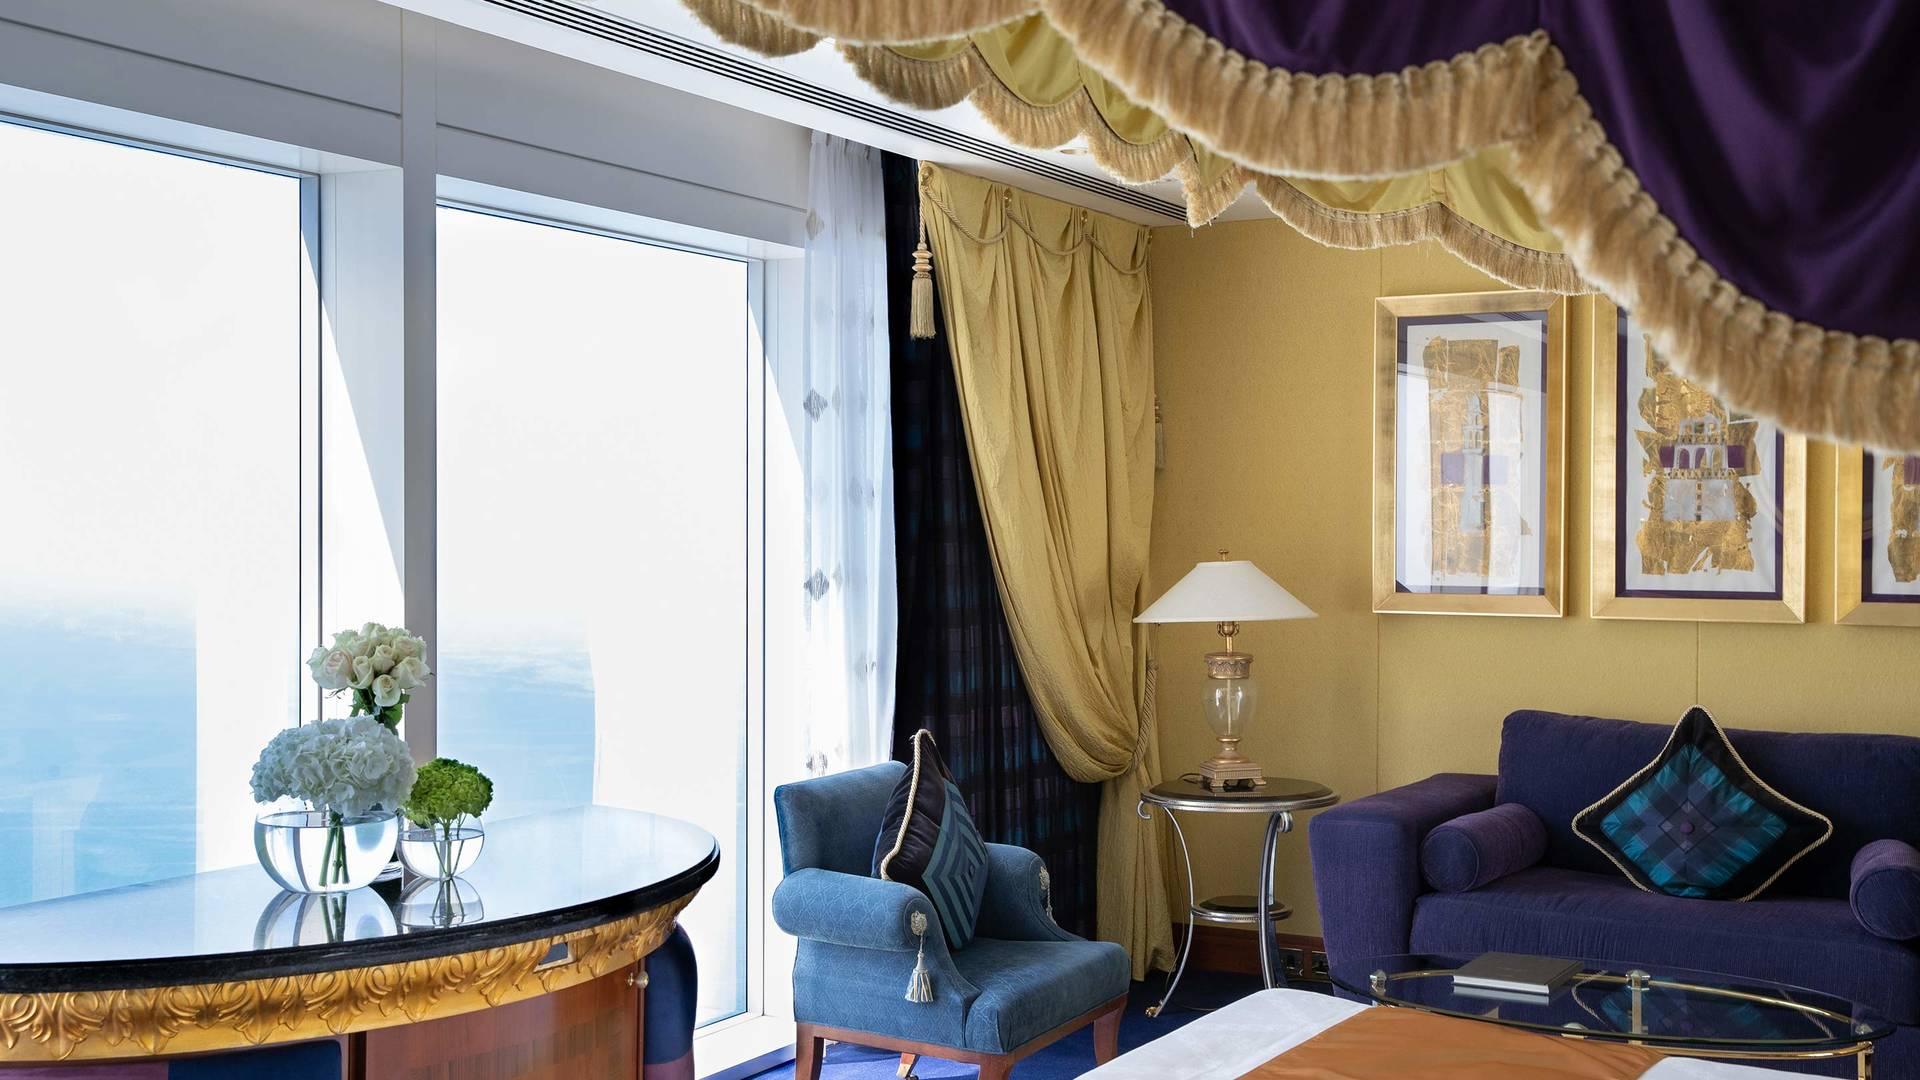 Jumeirah Burj Al Arab Club one bedroom suite bedroom detail_16-9